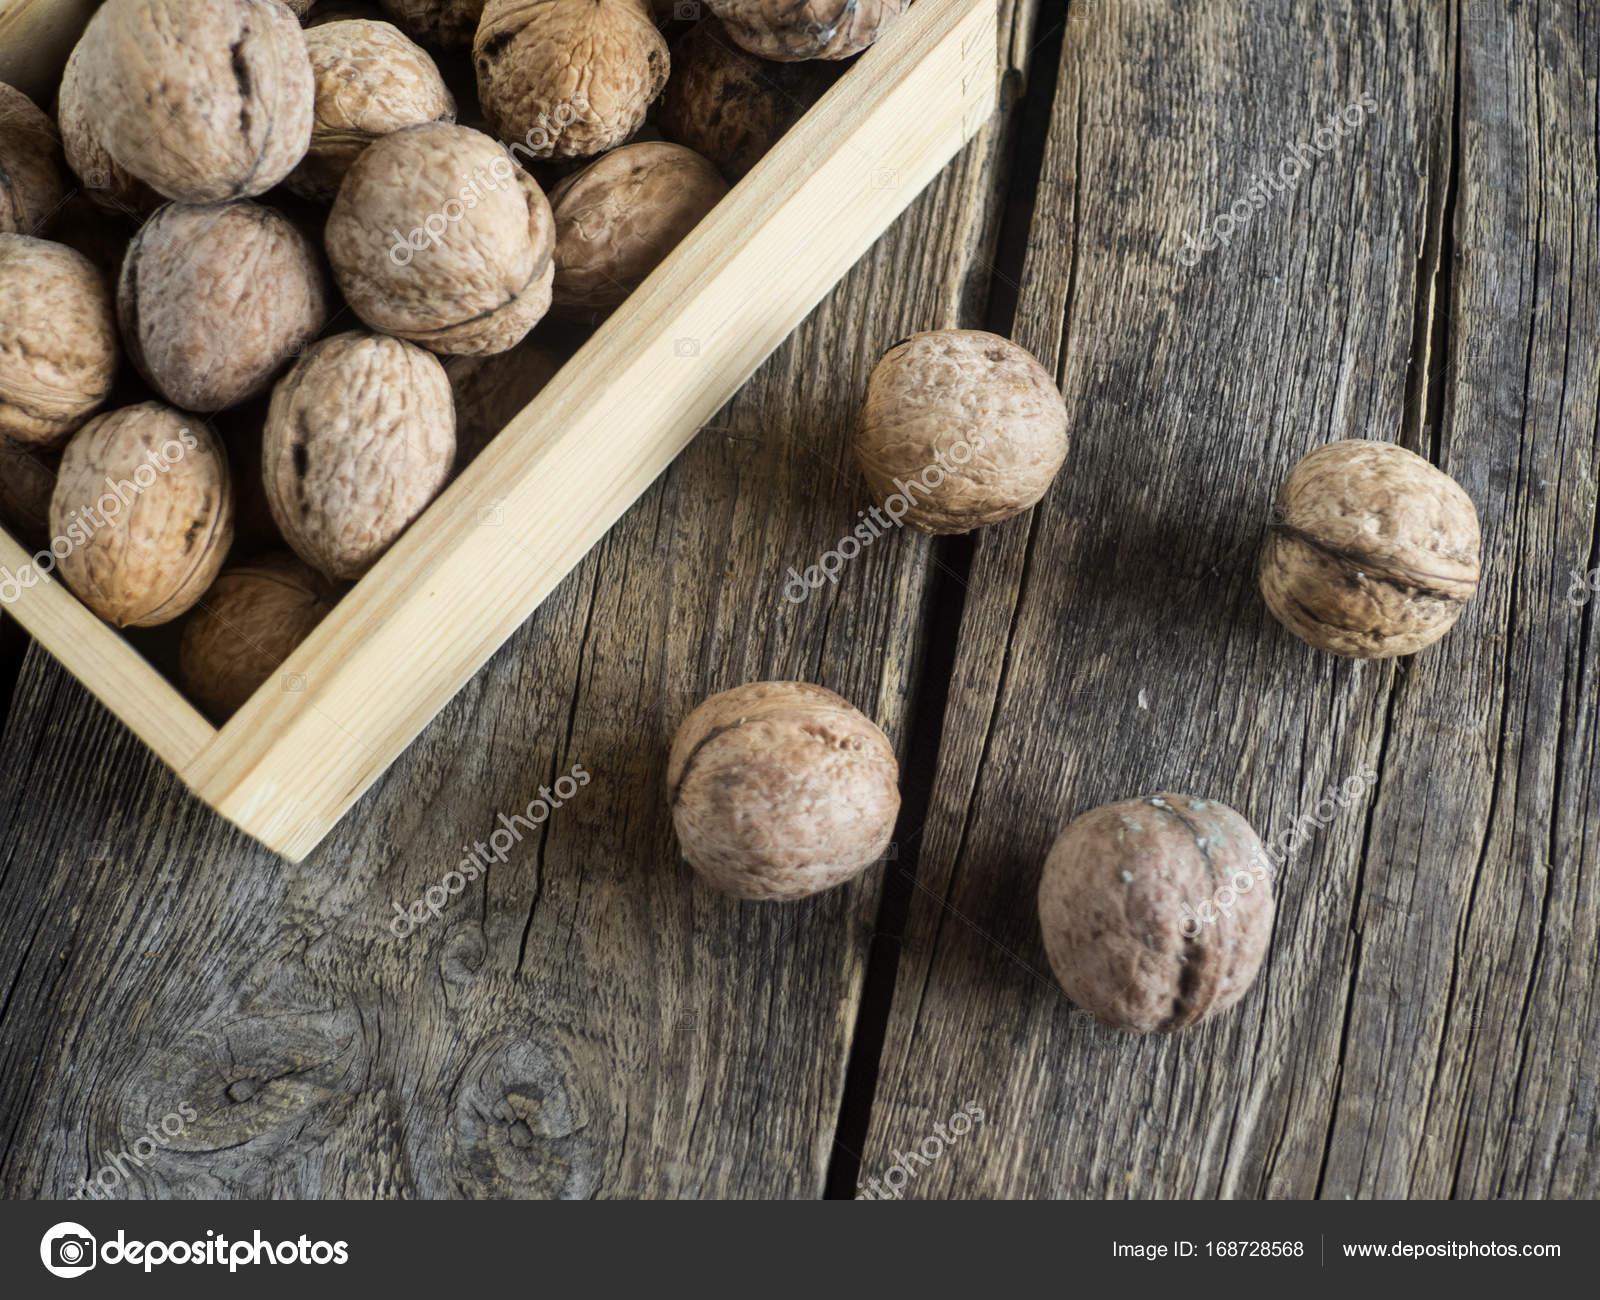 Liefde Walnoot Hout : Walnoten in een houten doos u stockfoto igorgolovniov